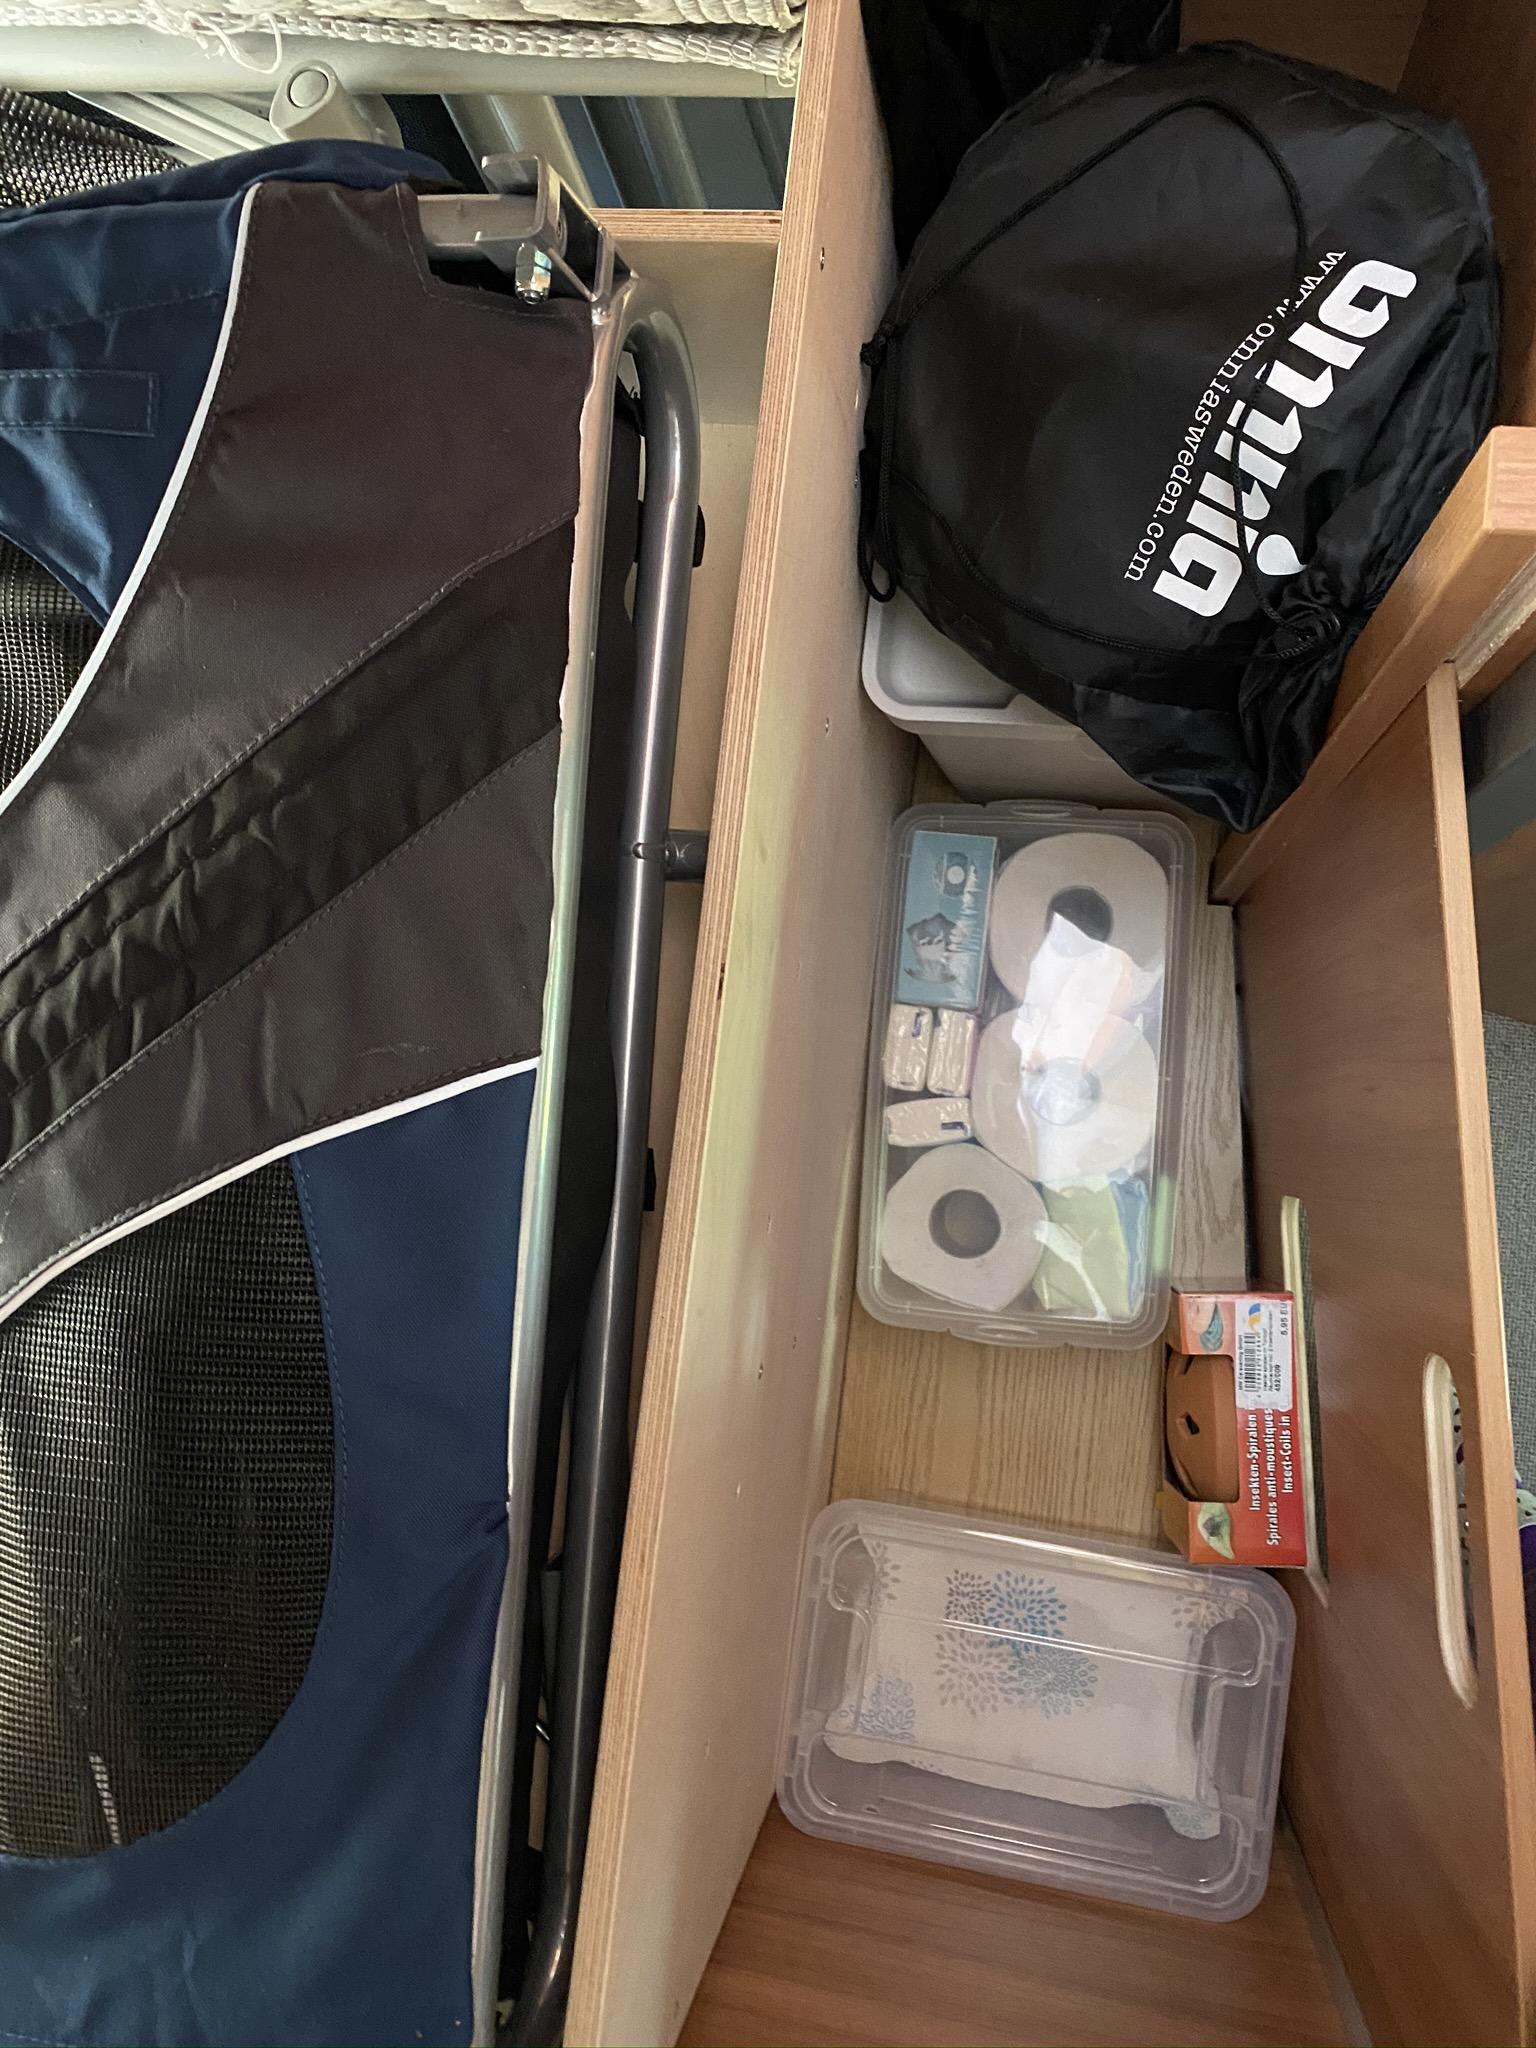 Kiste mit Reserve -Lappen, -Taschentücher und -Toilettenpapier, Insektenschutz und Kiste für Kartoffeln